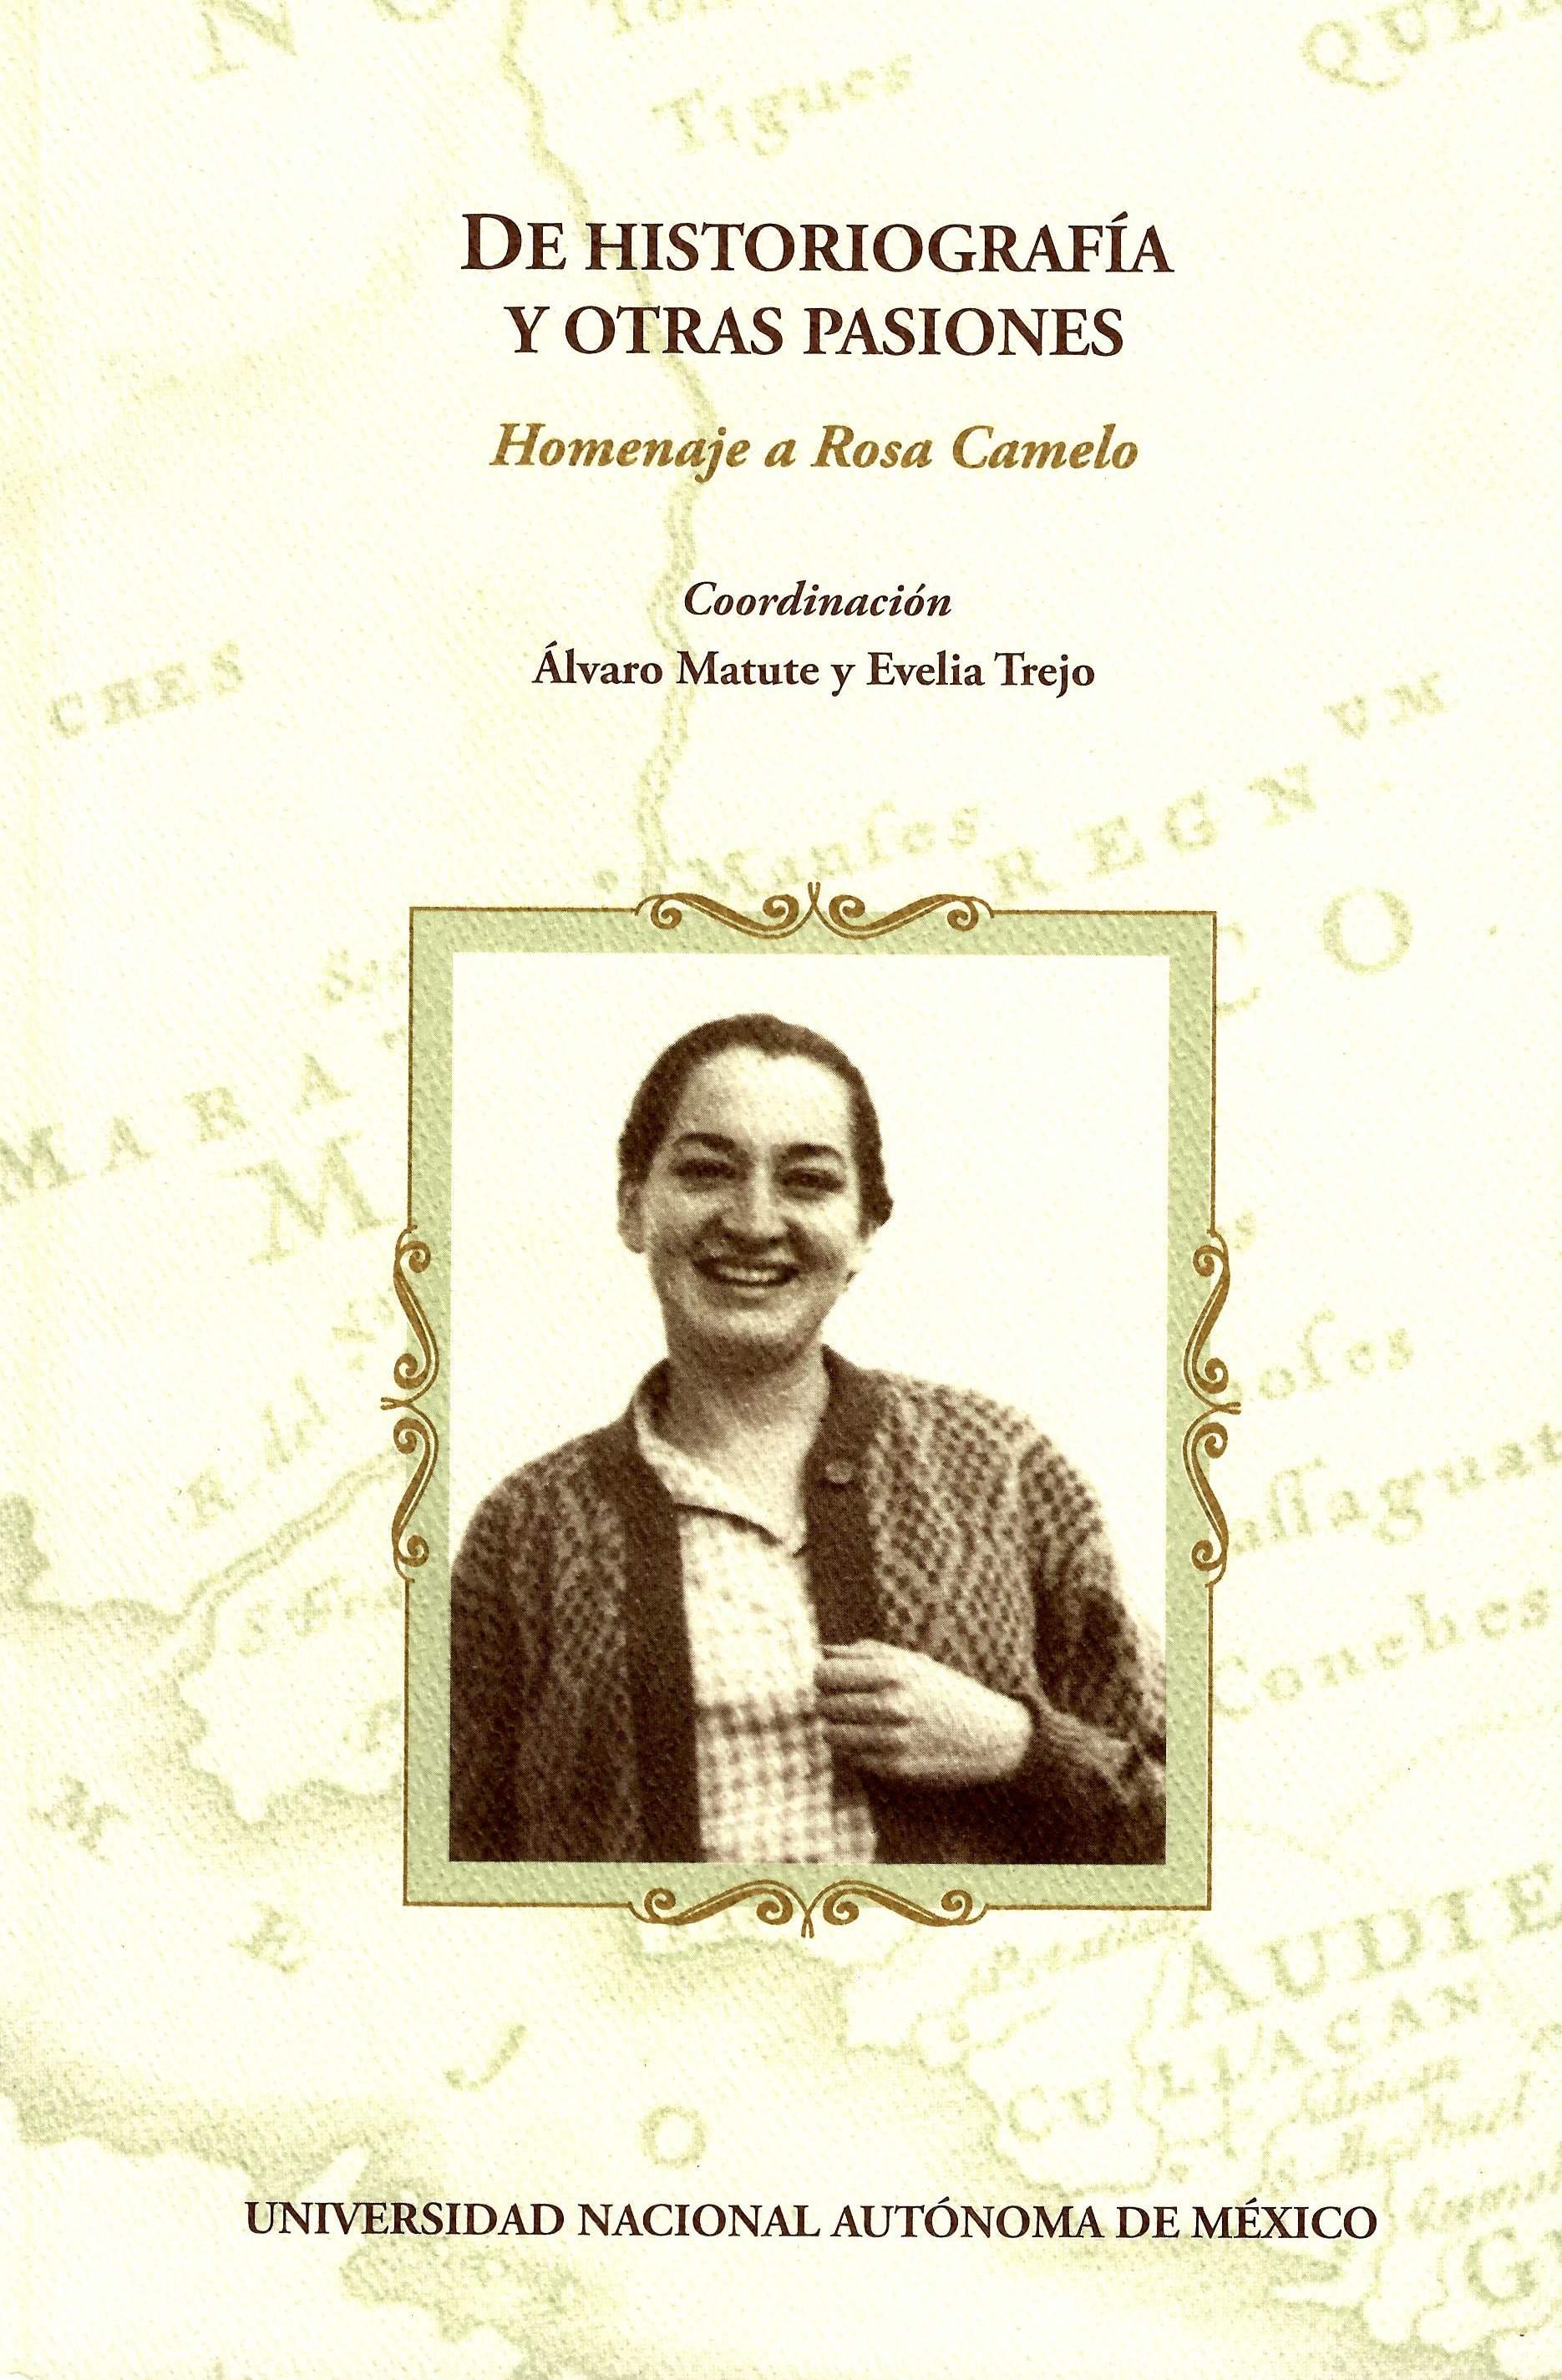 De historiografía y otras pasiones: homenaje a Rosa Camelo